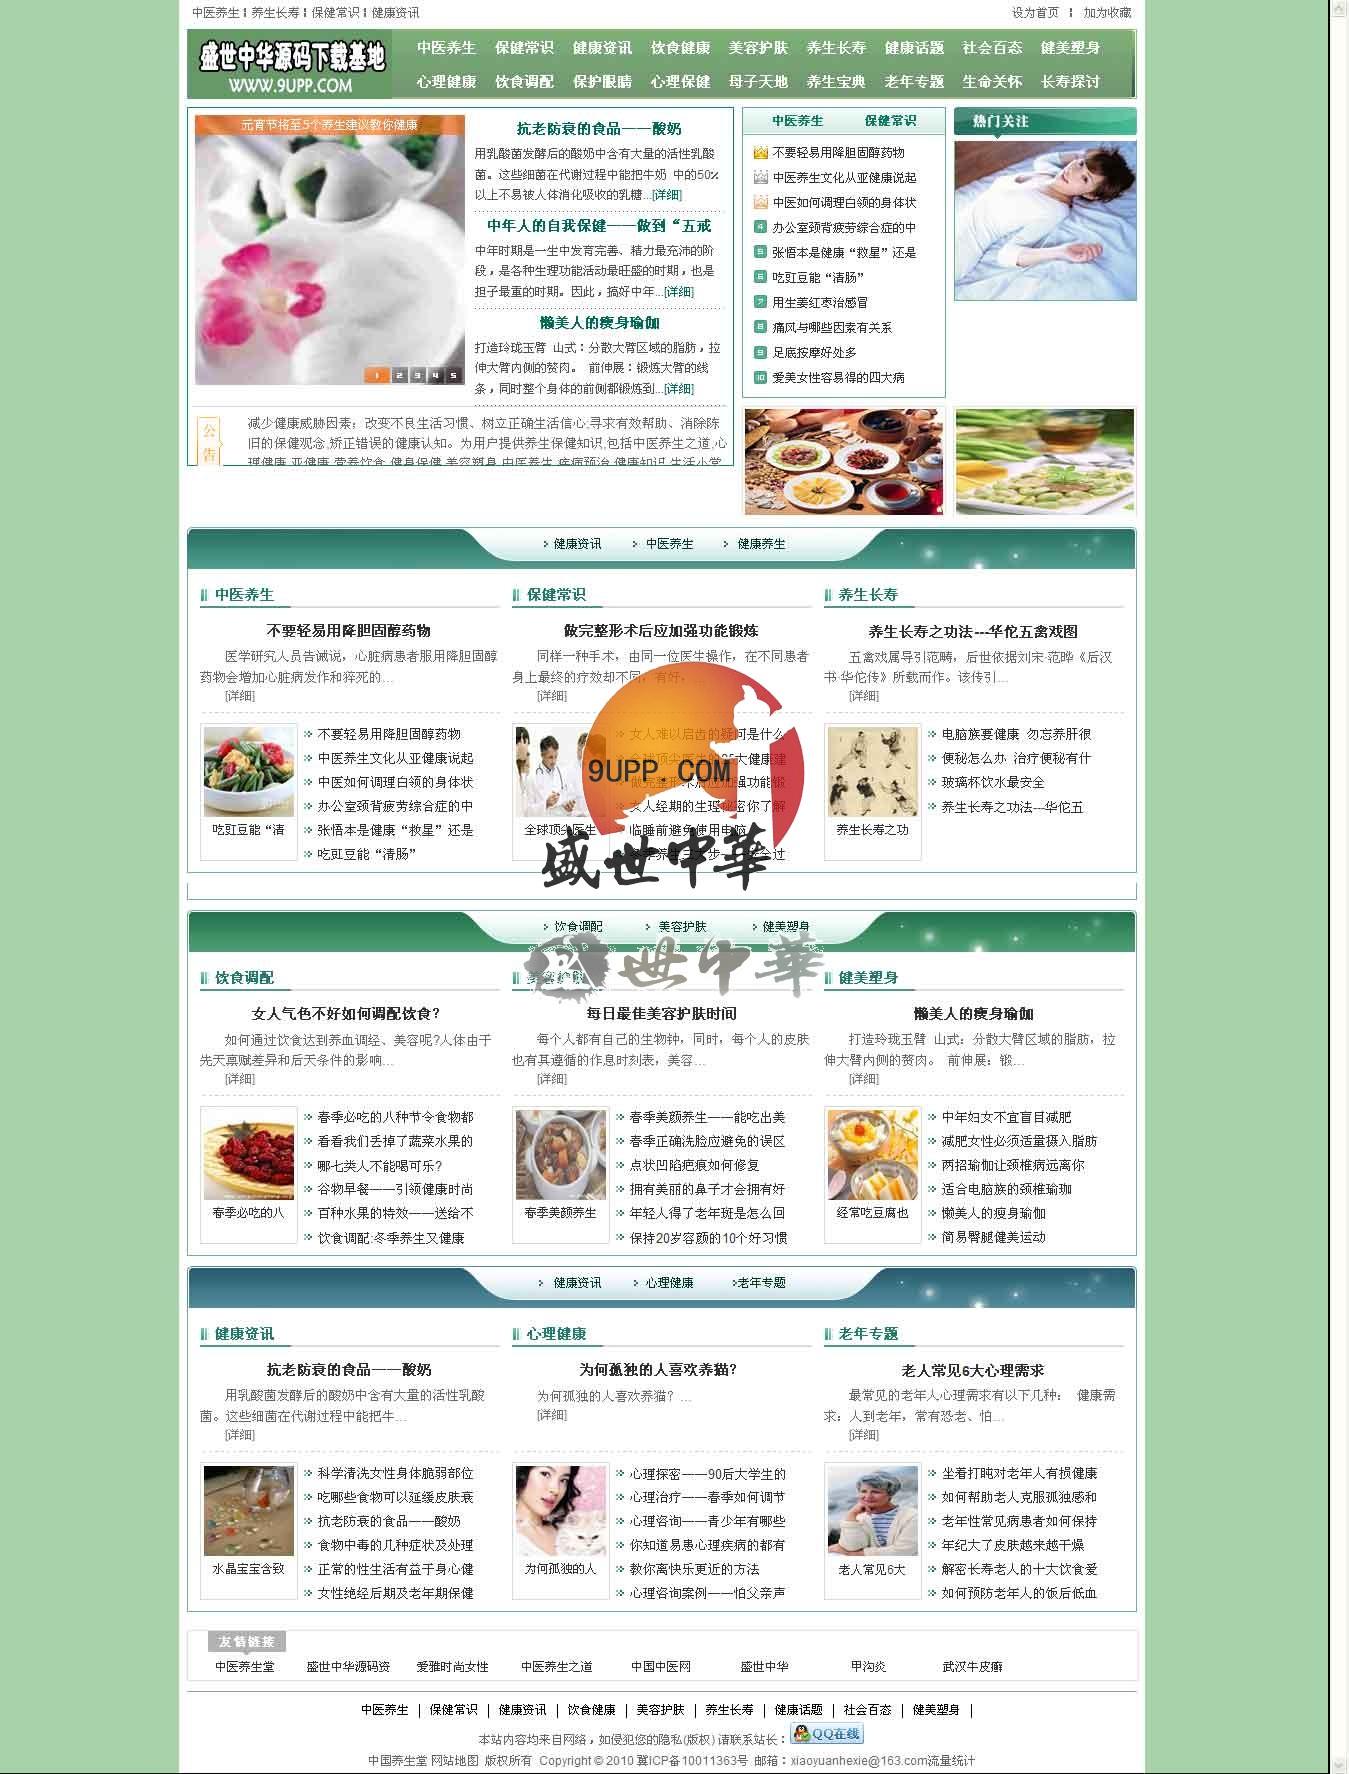 大型中医养生健康门户站网站源码